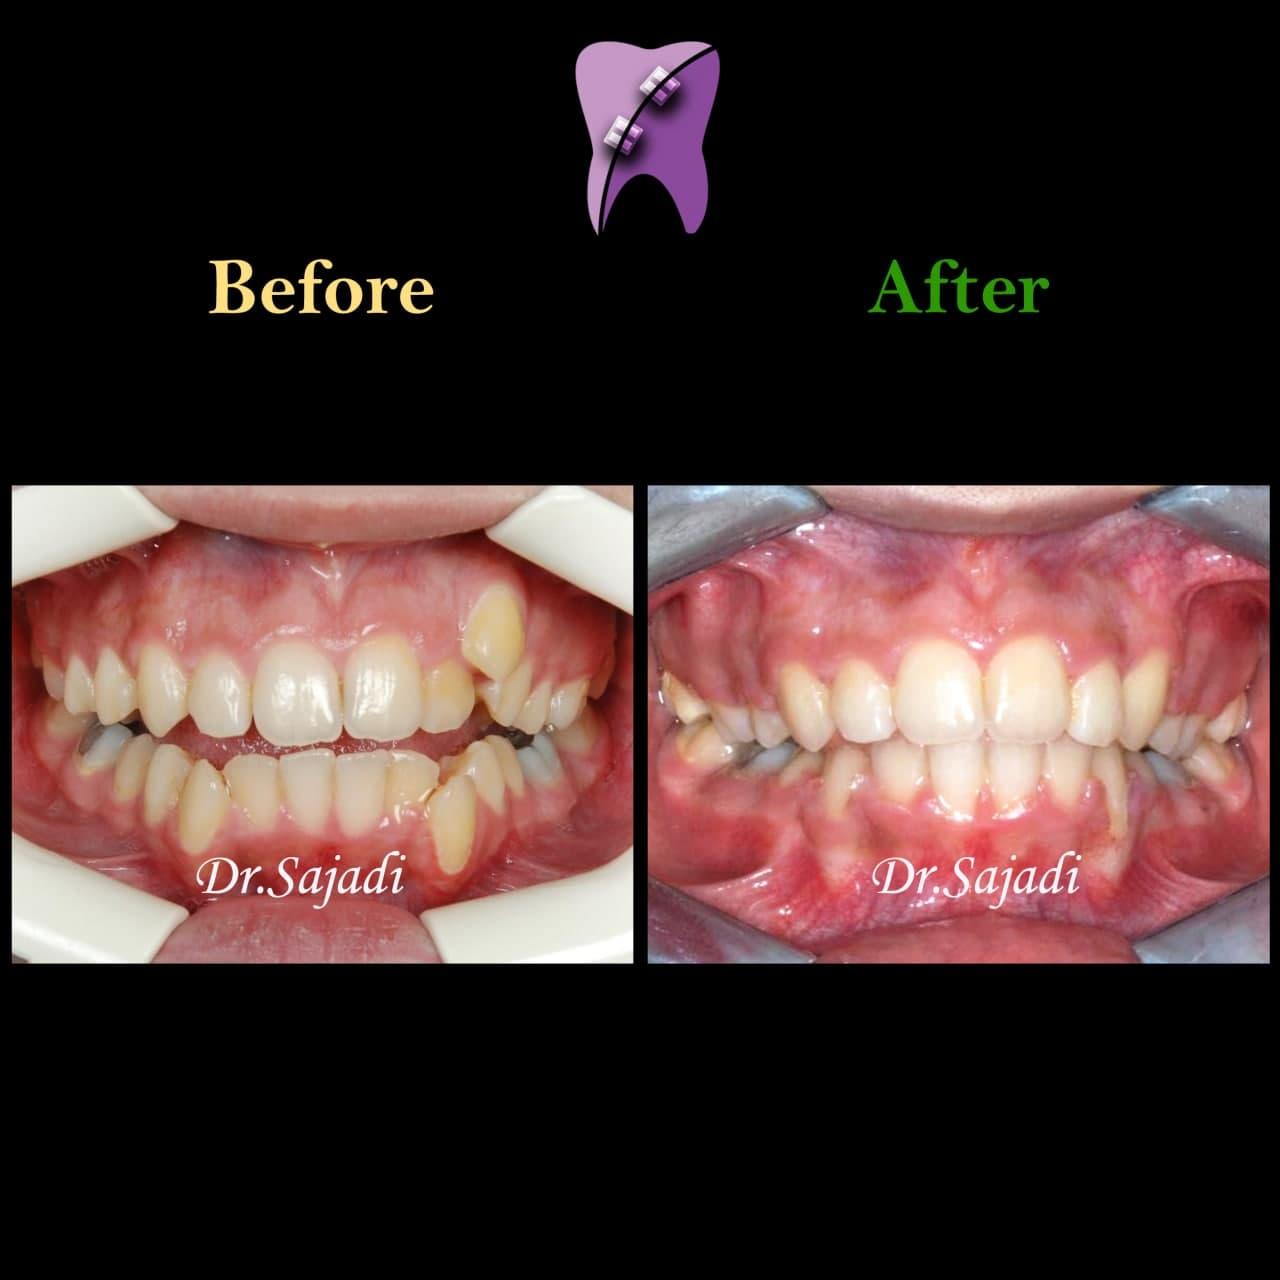 photo 2021 04 24 09 35 23 - درمان اپن بایت و بی نظمی شدید دندانی با ارتودنسی ثابت دو فک با کشیدن دندان